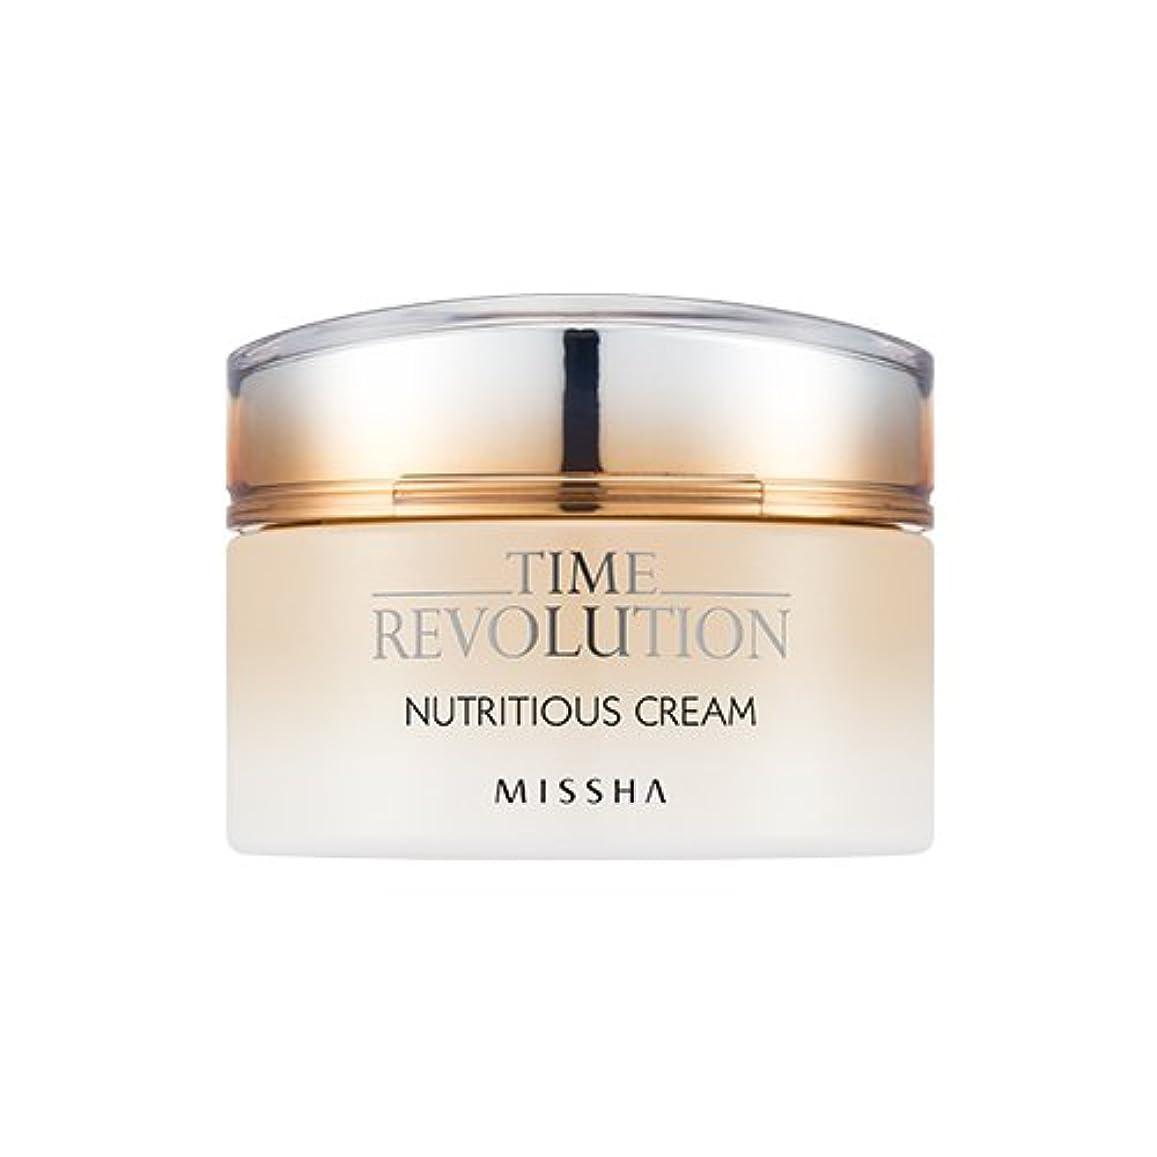 方法論ラボ恐怖[New] MISSHA Time Revolution Nutritious Cream 50ml/ミシャ タイム レボリューション ニュートリシャス クリーム 50ml [並行輸入品]